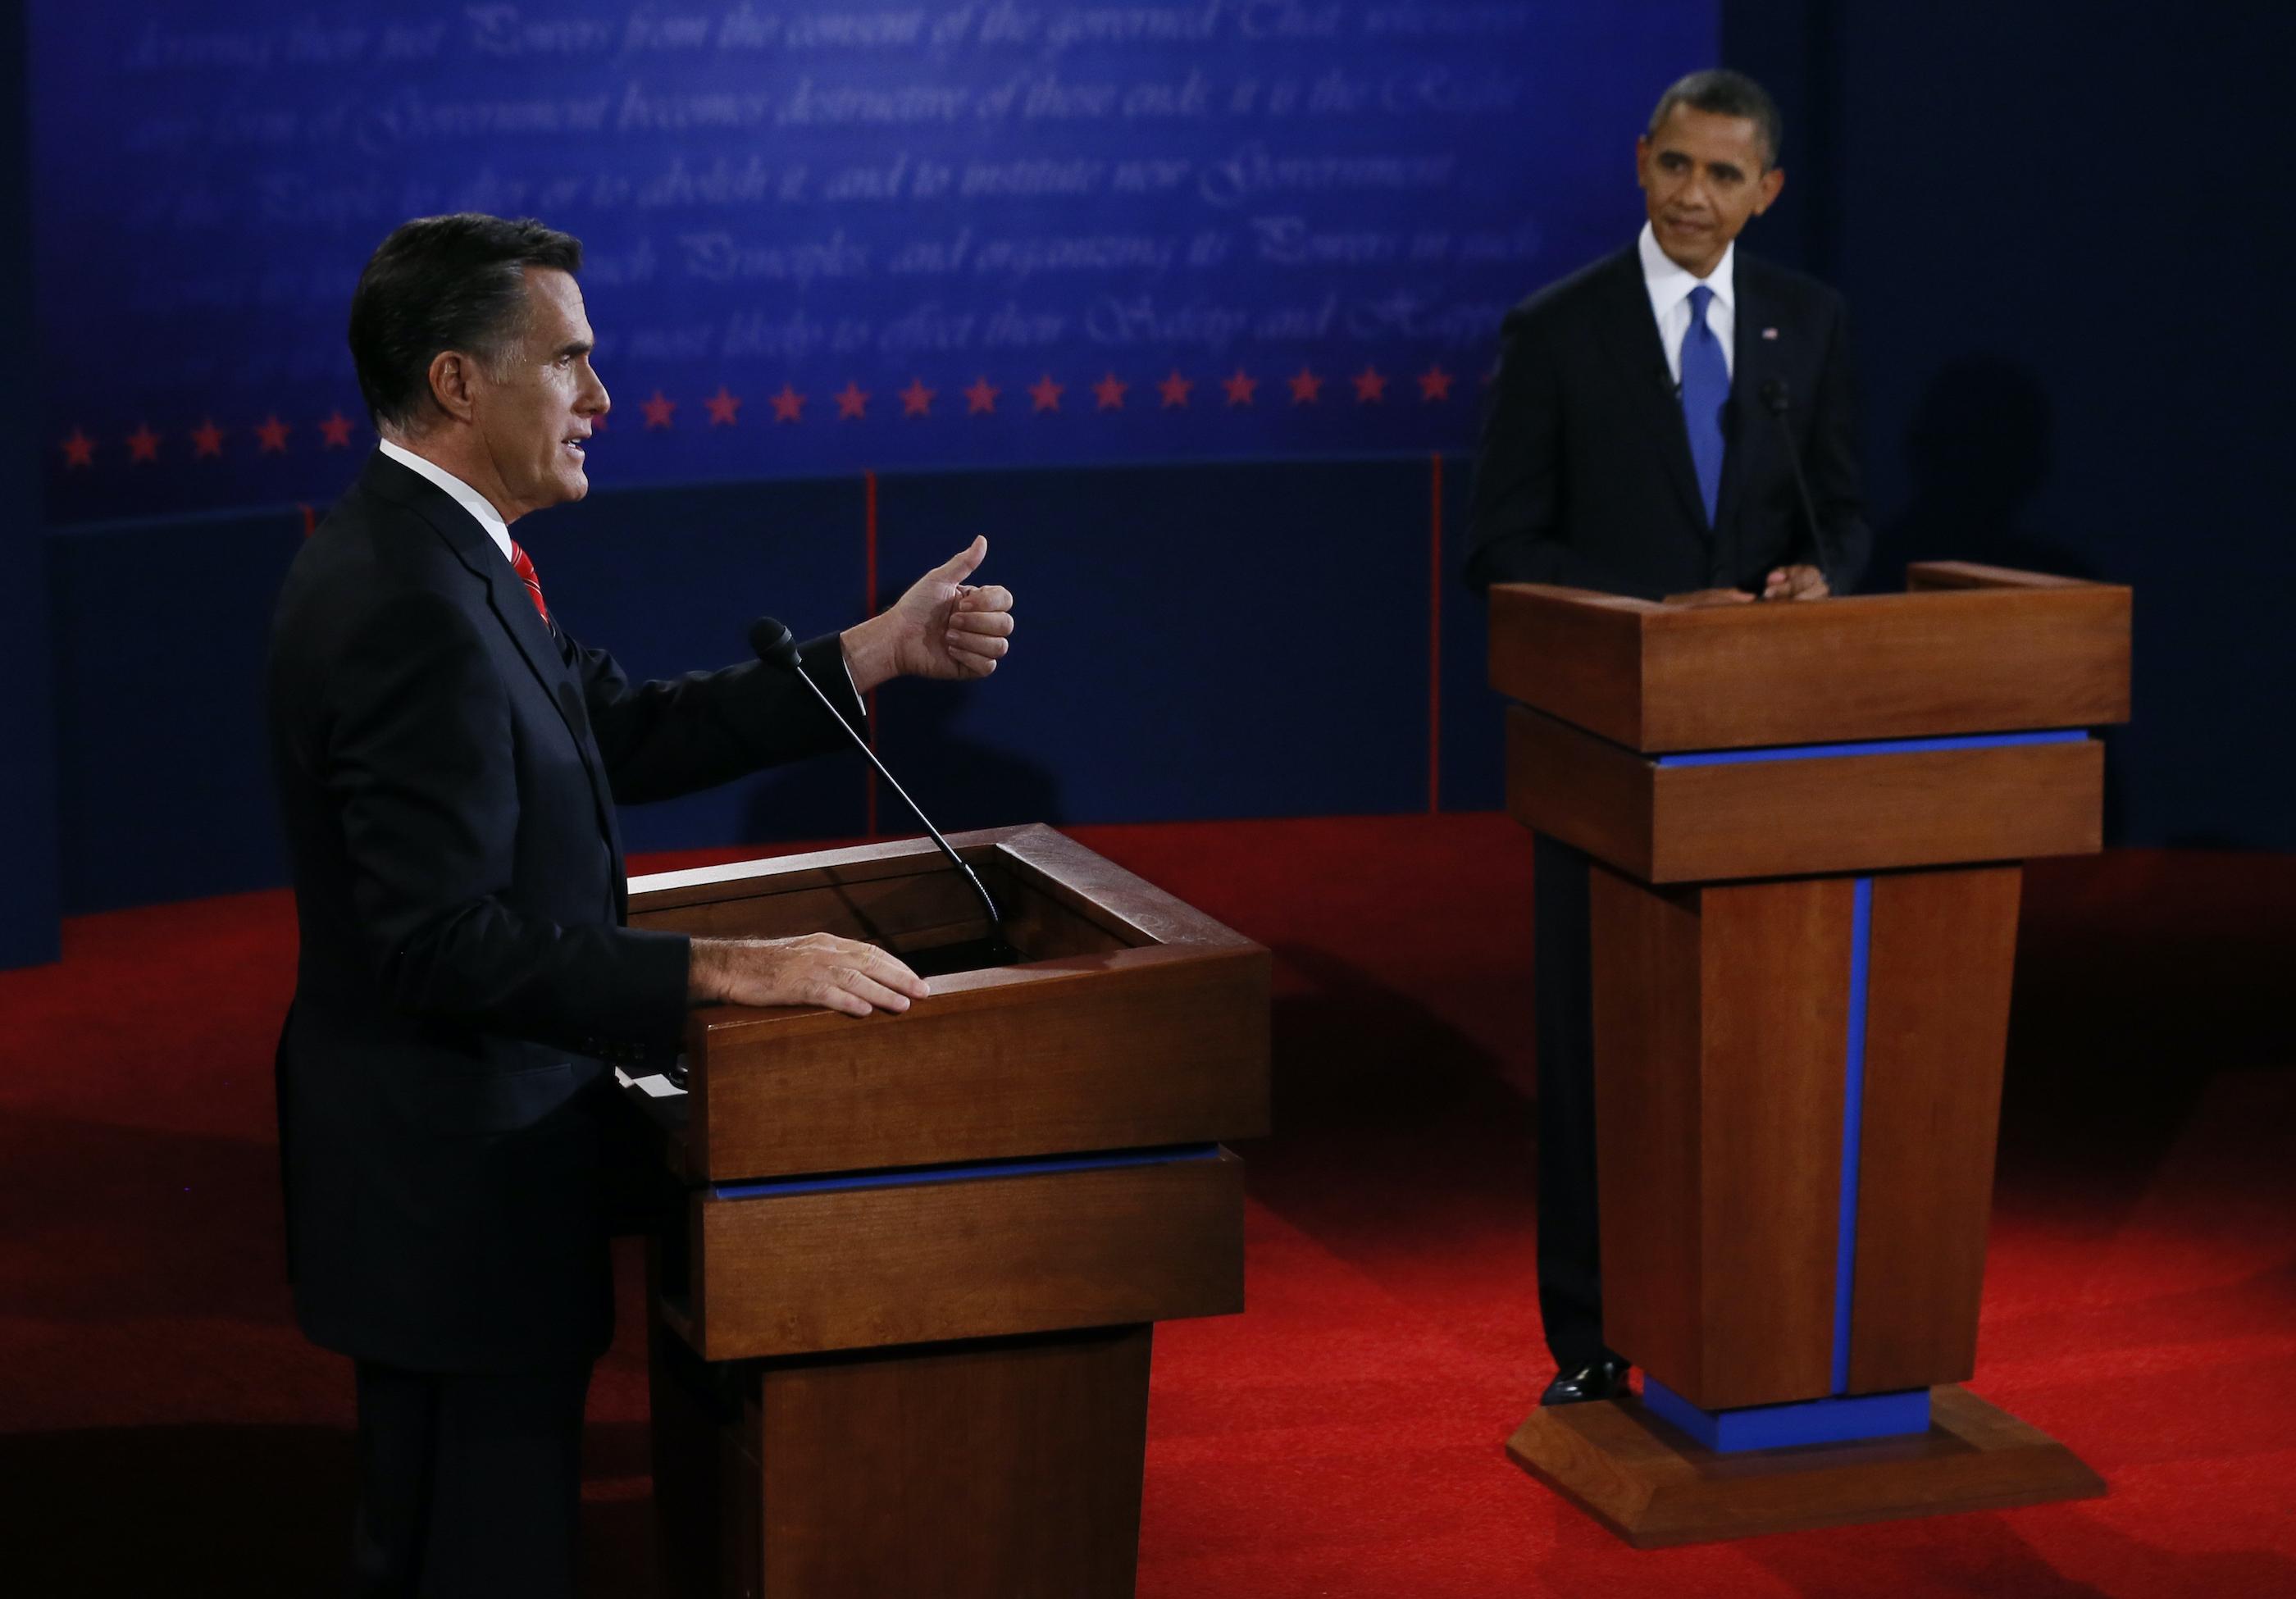 Obama vs. Romney: The first 2012 presidential debate